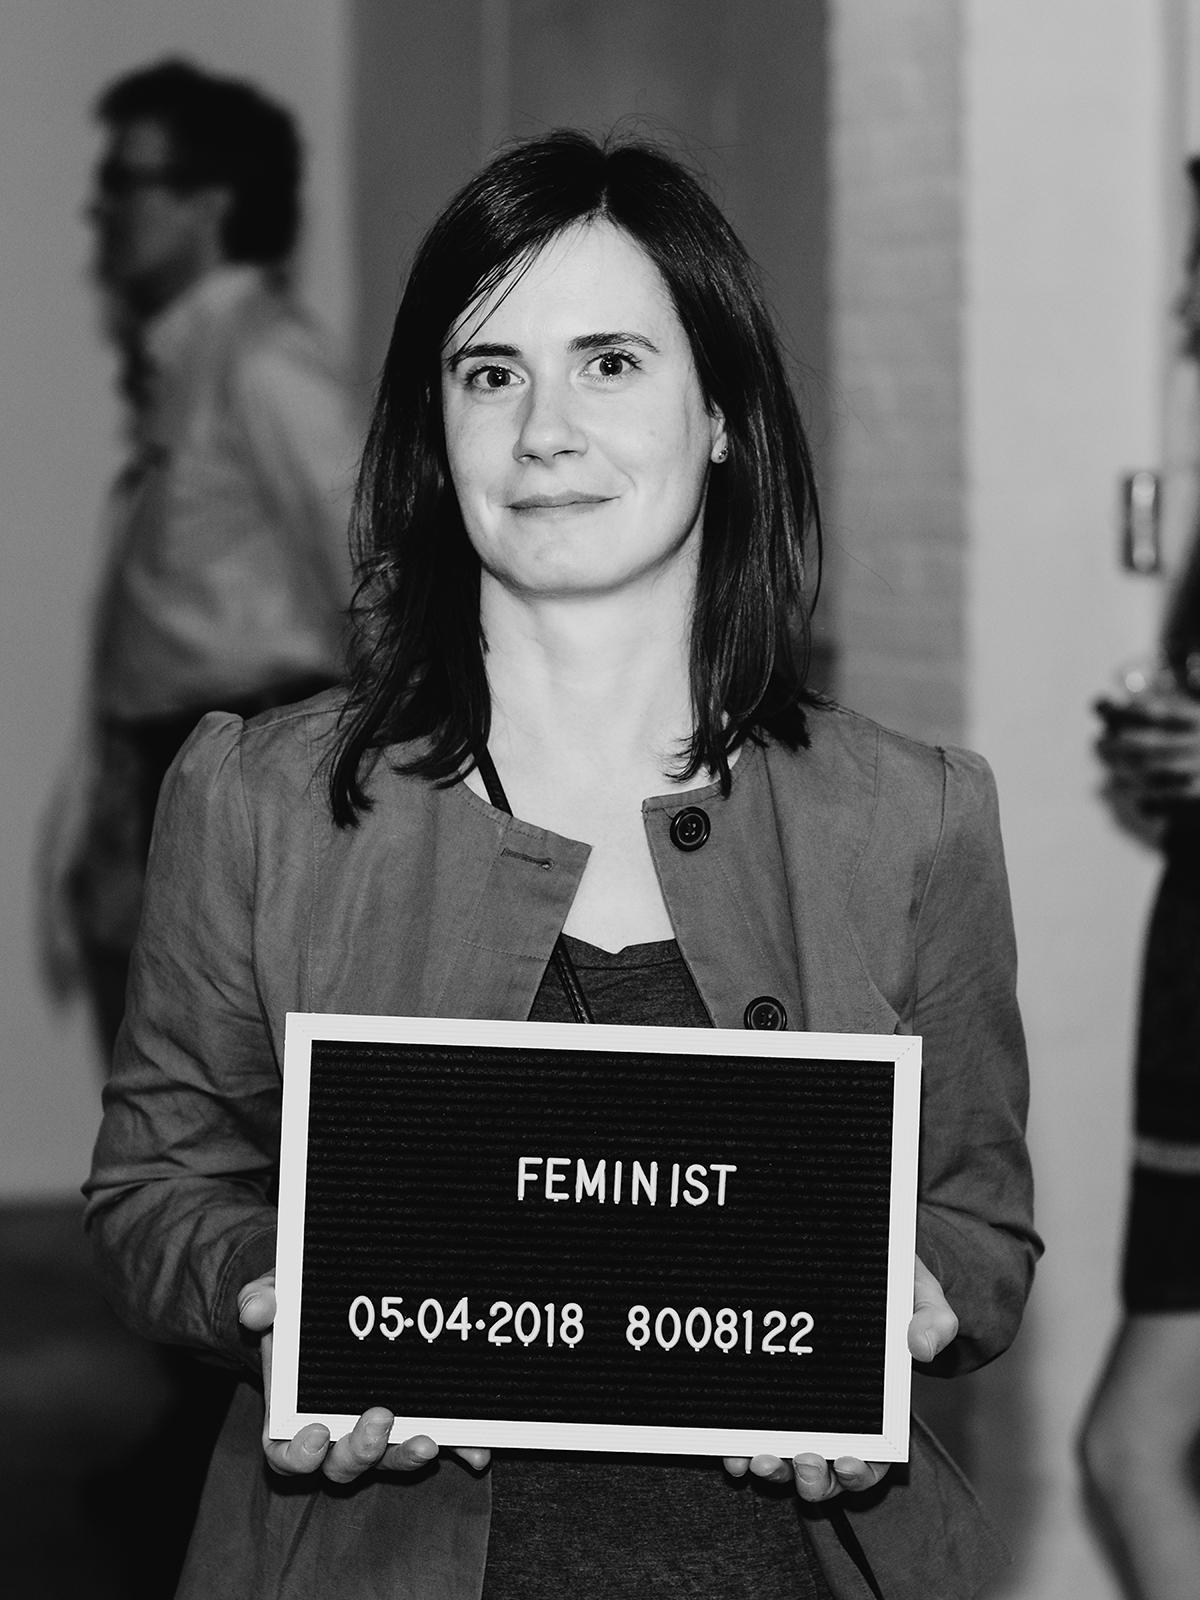 8008122 feminist.jpg